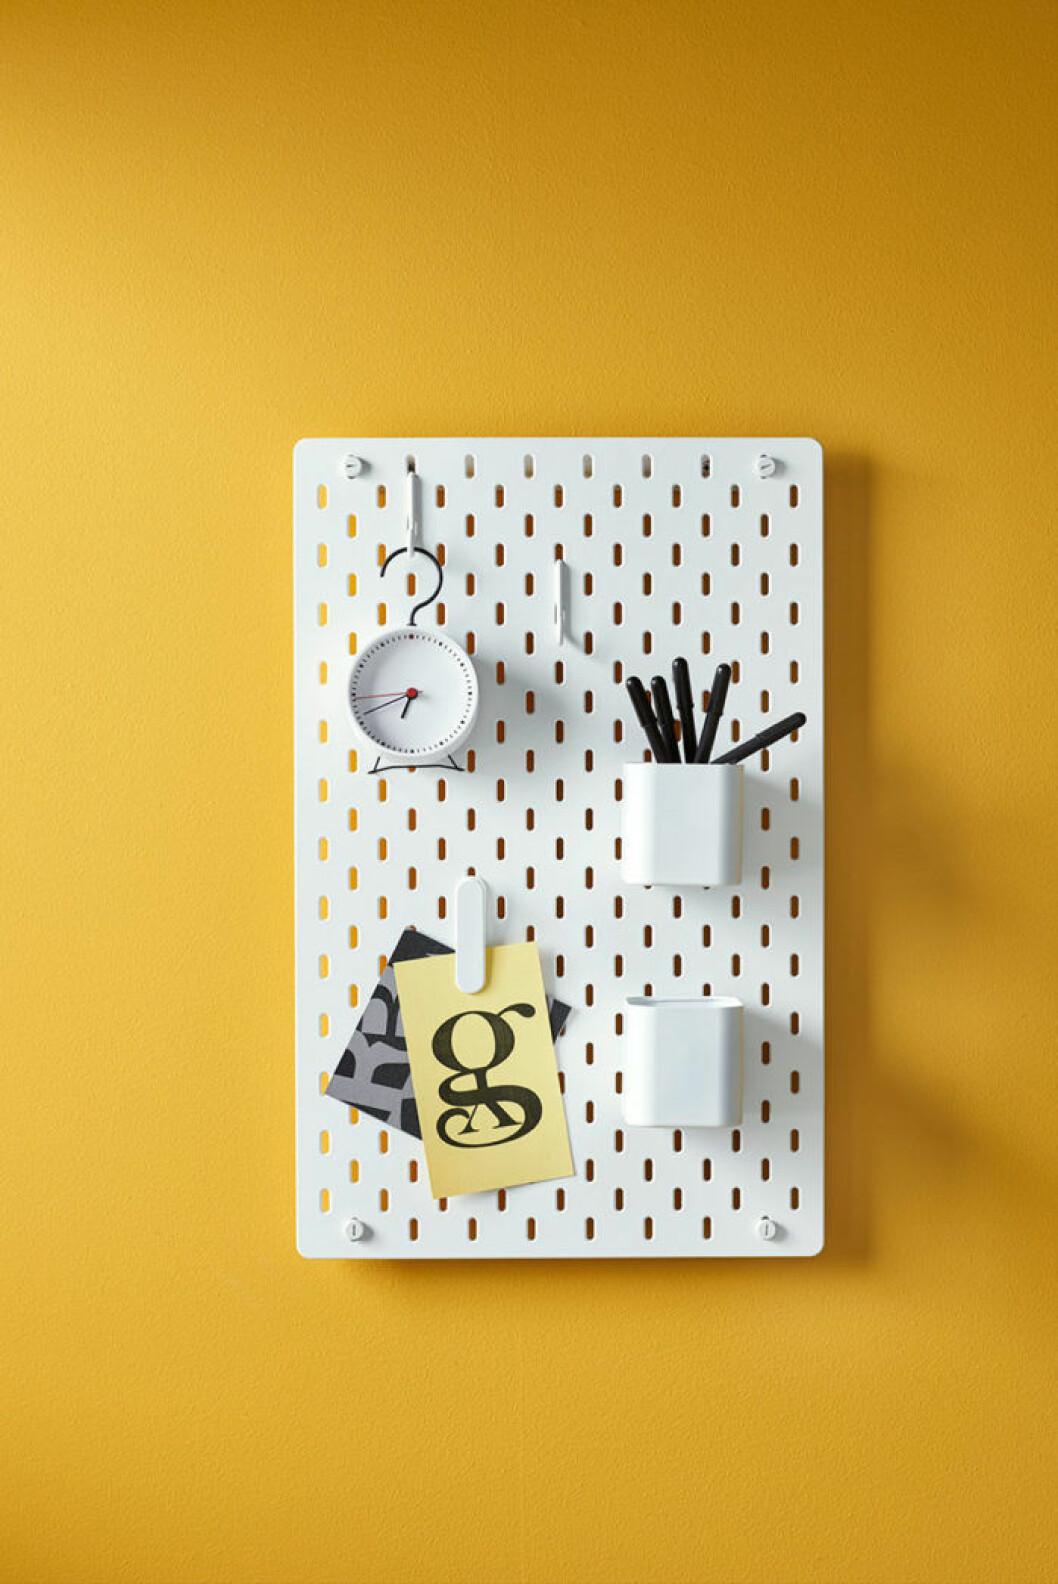 Ikea-katalogen 2019 väggförvaring